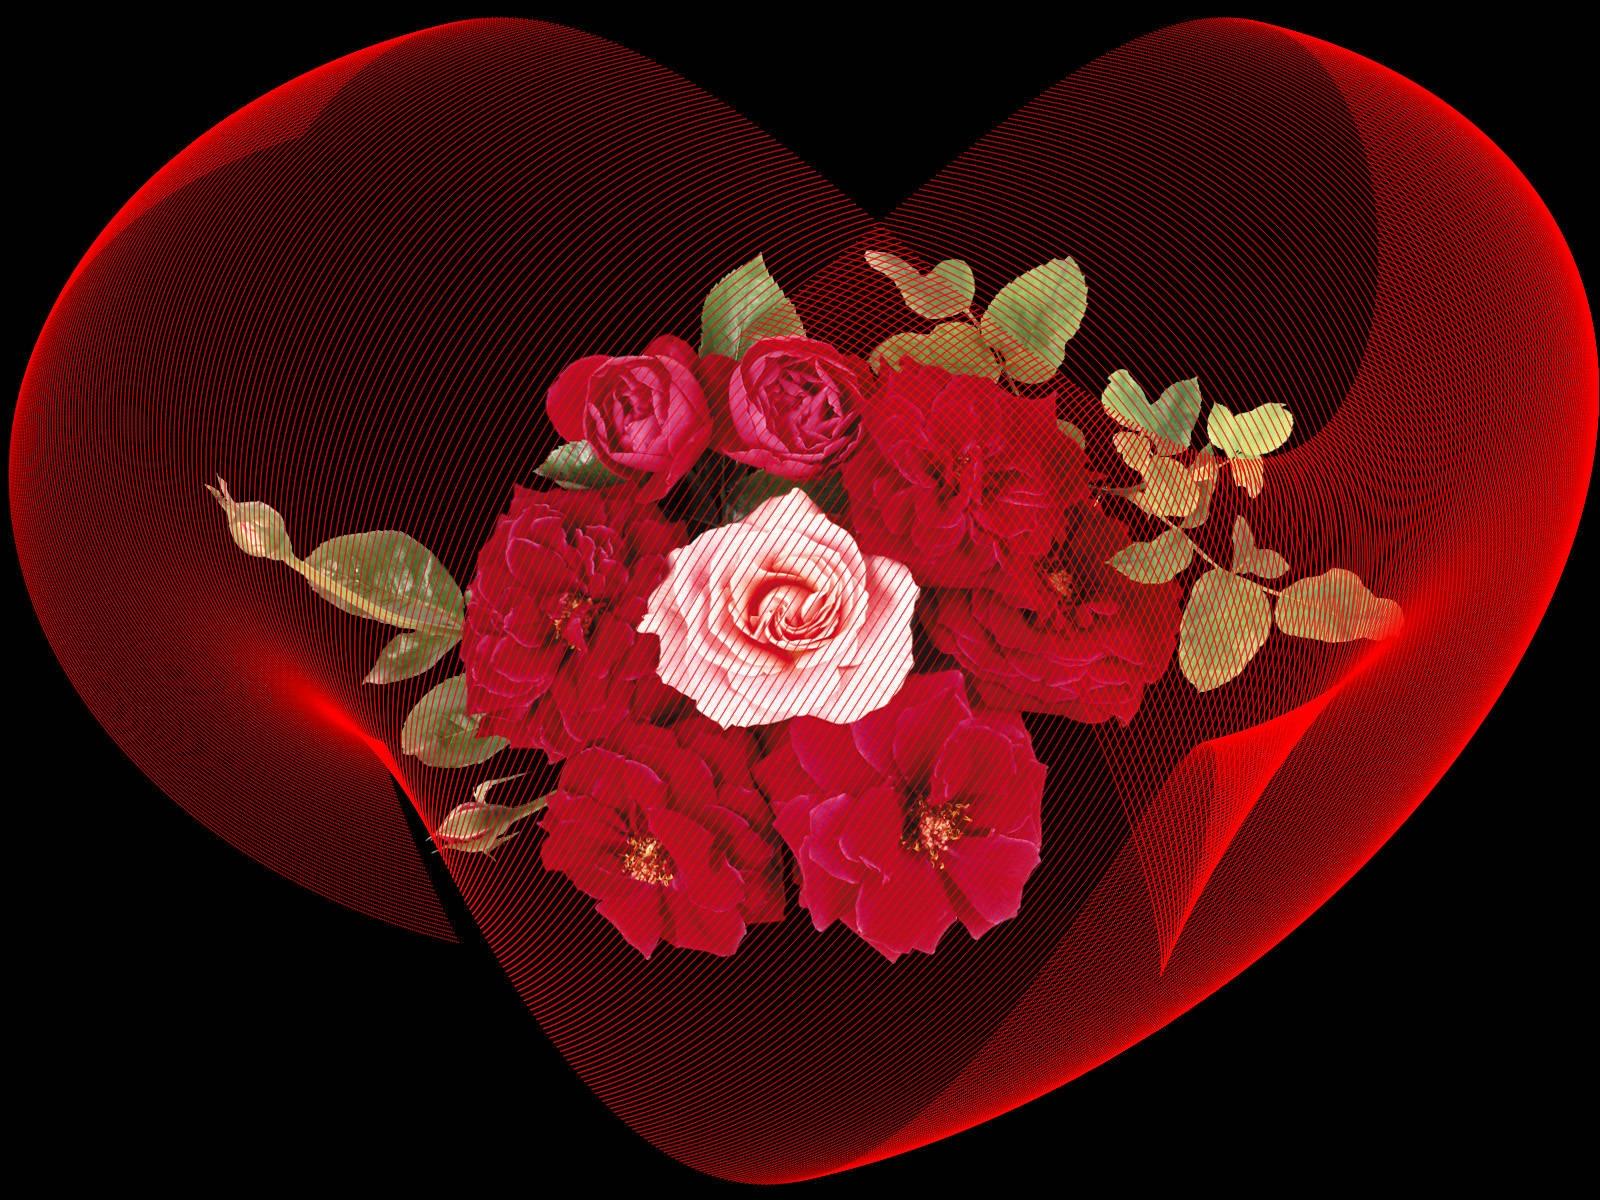 Цветы и сердечки картинки классные анимация, спокойной